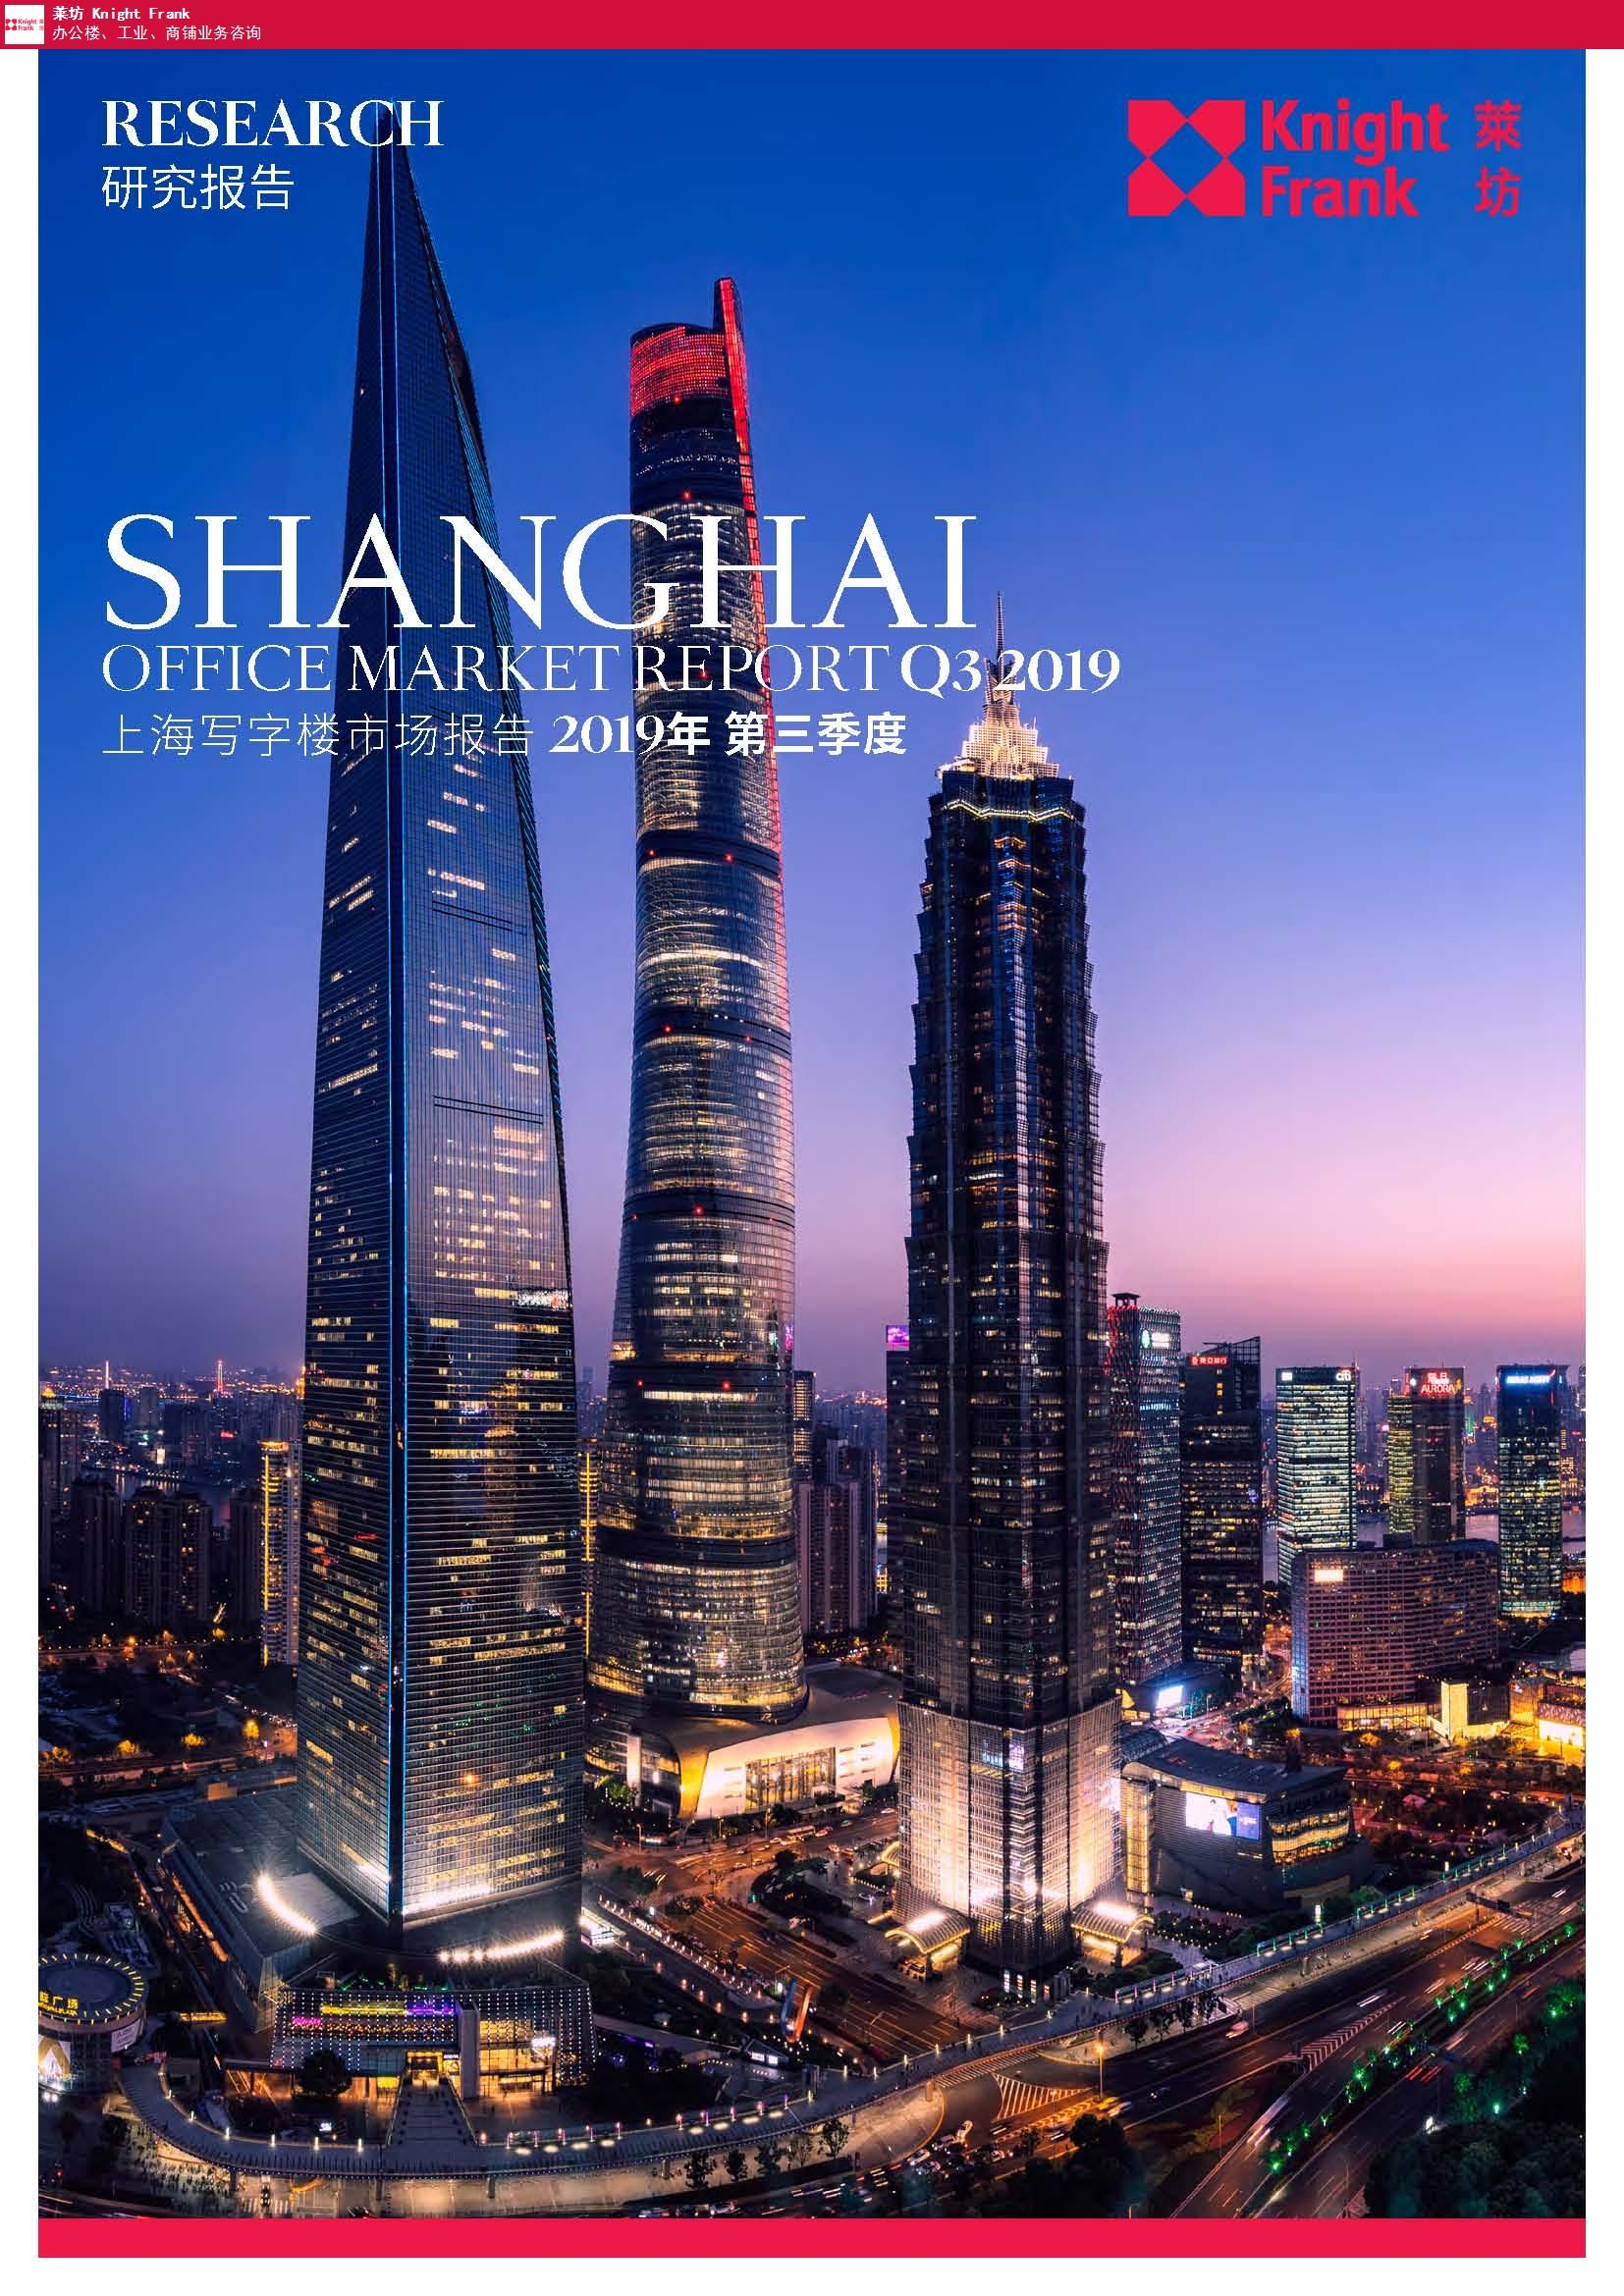 广东房地产2019上海第三季度写字楼哪家快 推荐咨询 上海莱坊房地产经纪供应